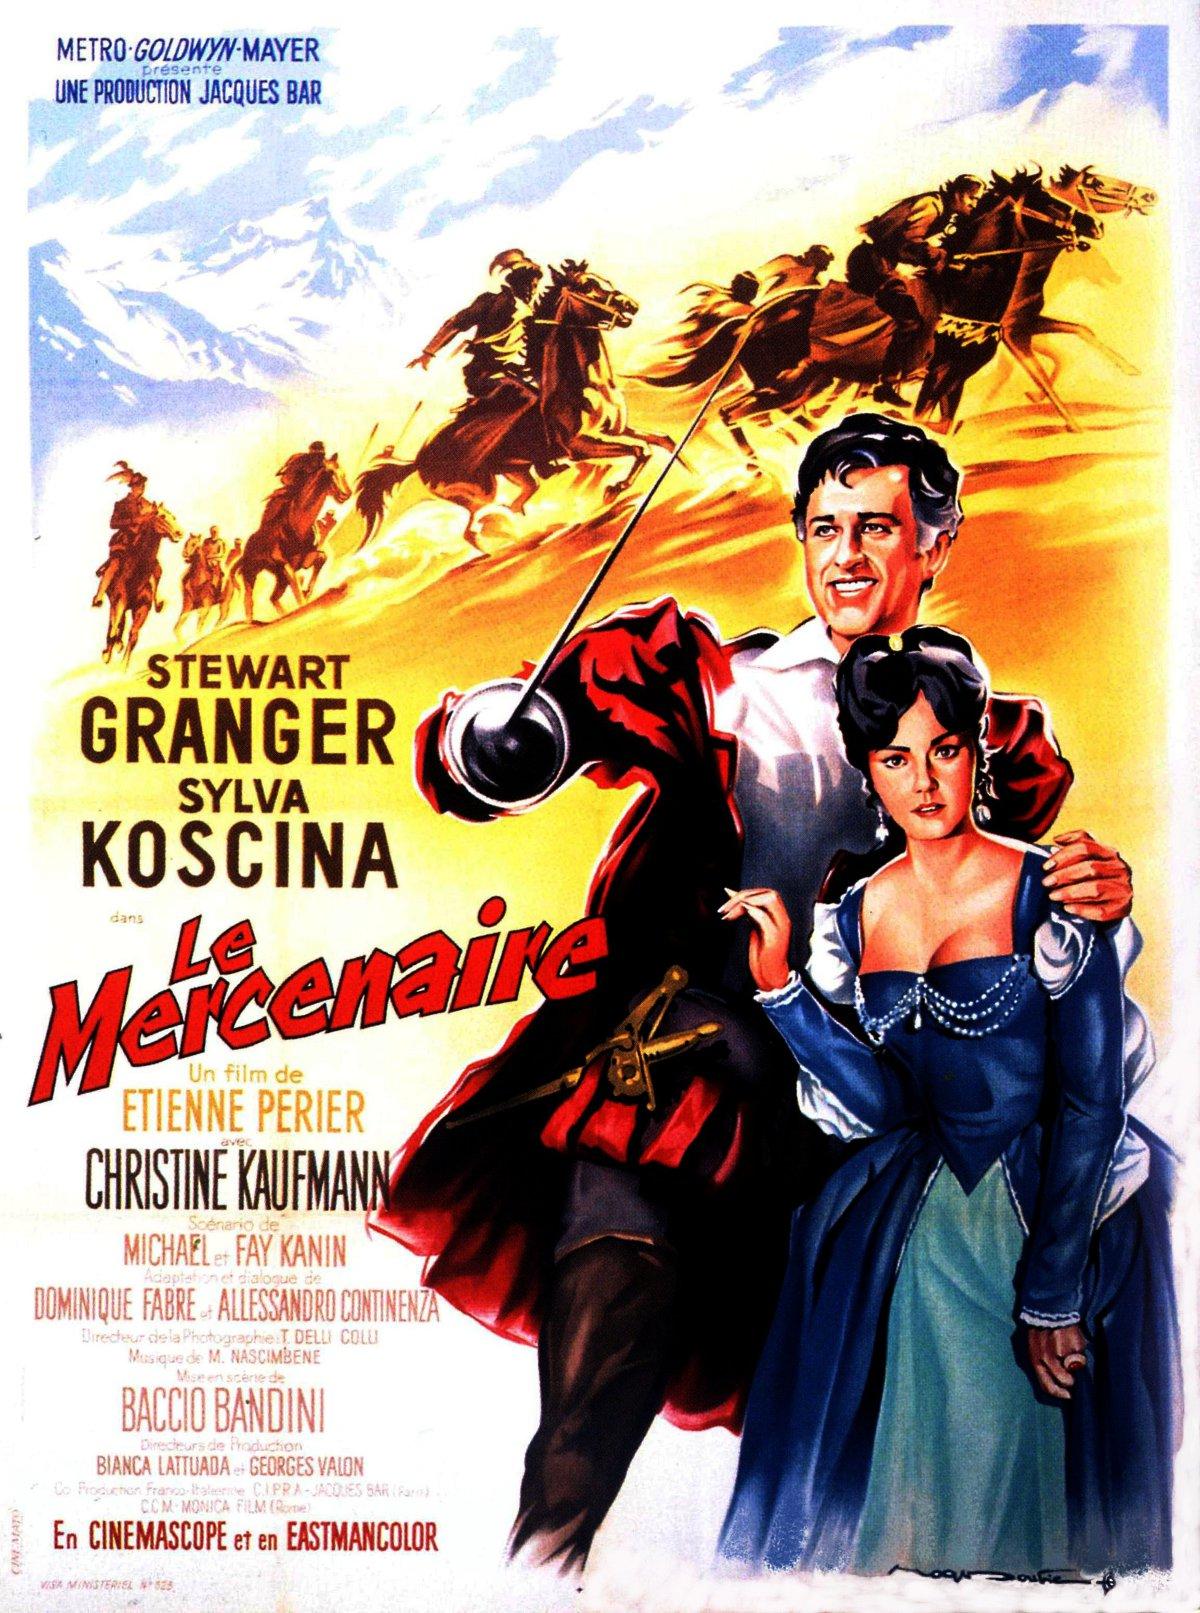 Jack Palance Filmes Good du film le mercenaire